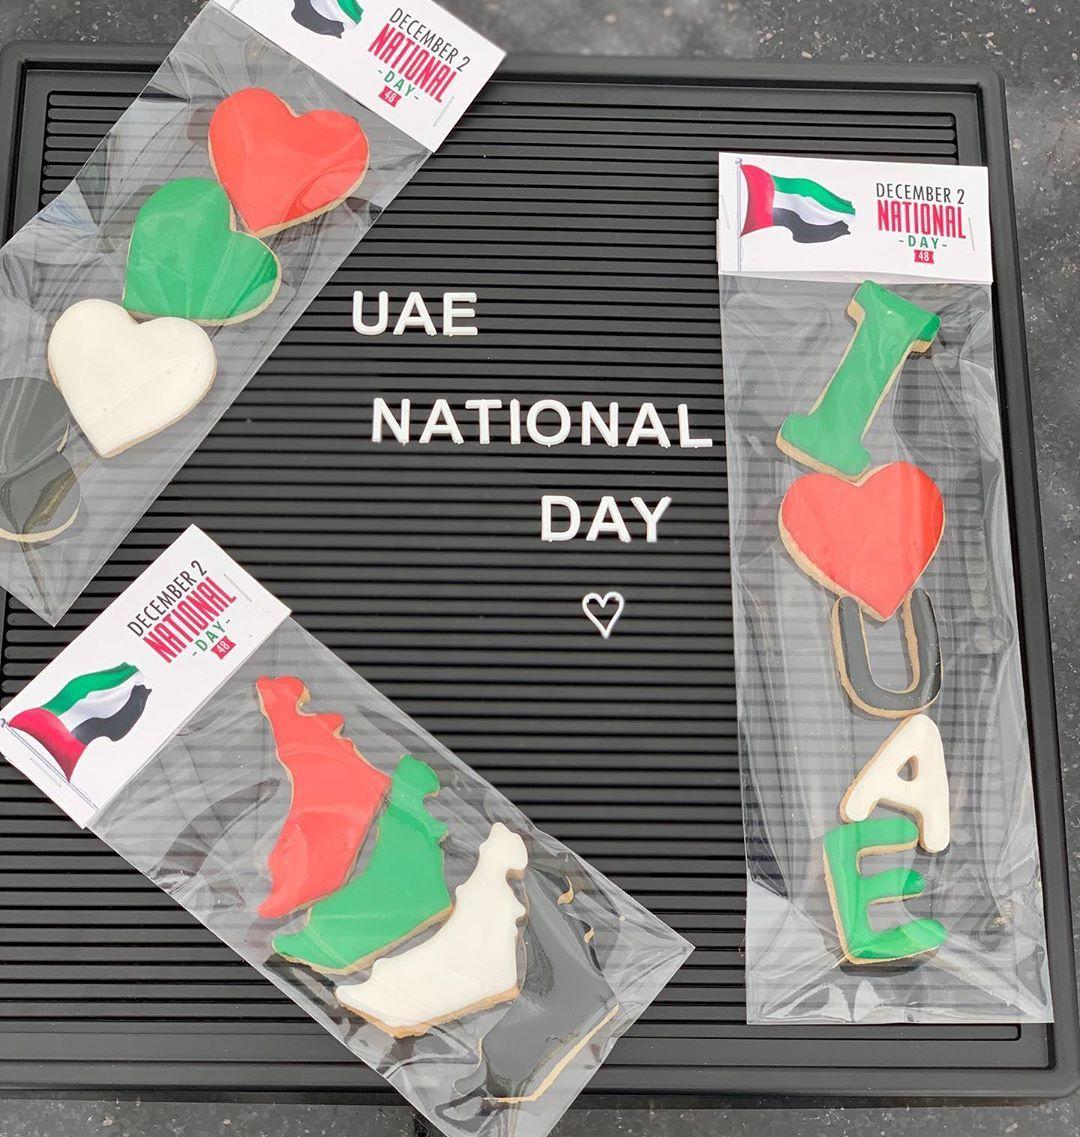 افكار العيد الوطني الإماراتي هدايا عيد الاتحاد هدية اليوم الوطني الإماراتي توزيعات عيد الاتحاد توزيعات يوم الوطني للدوام Uae N Book Cover Books Cover